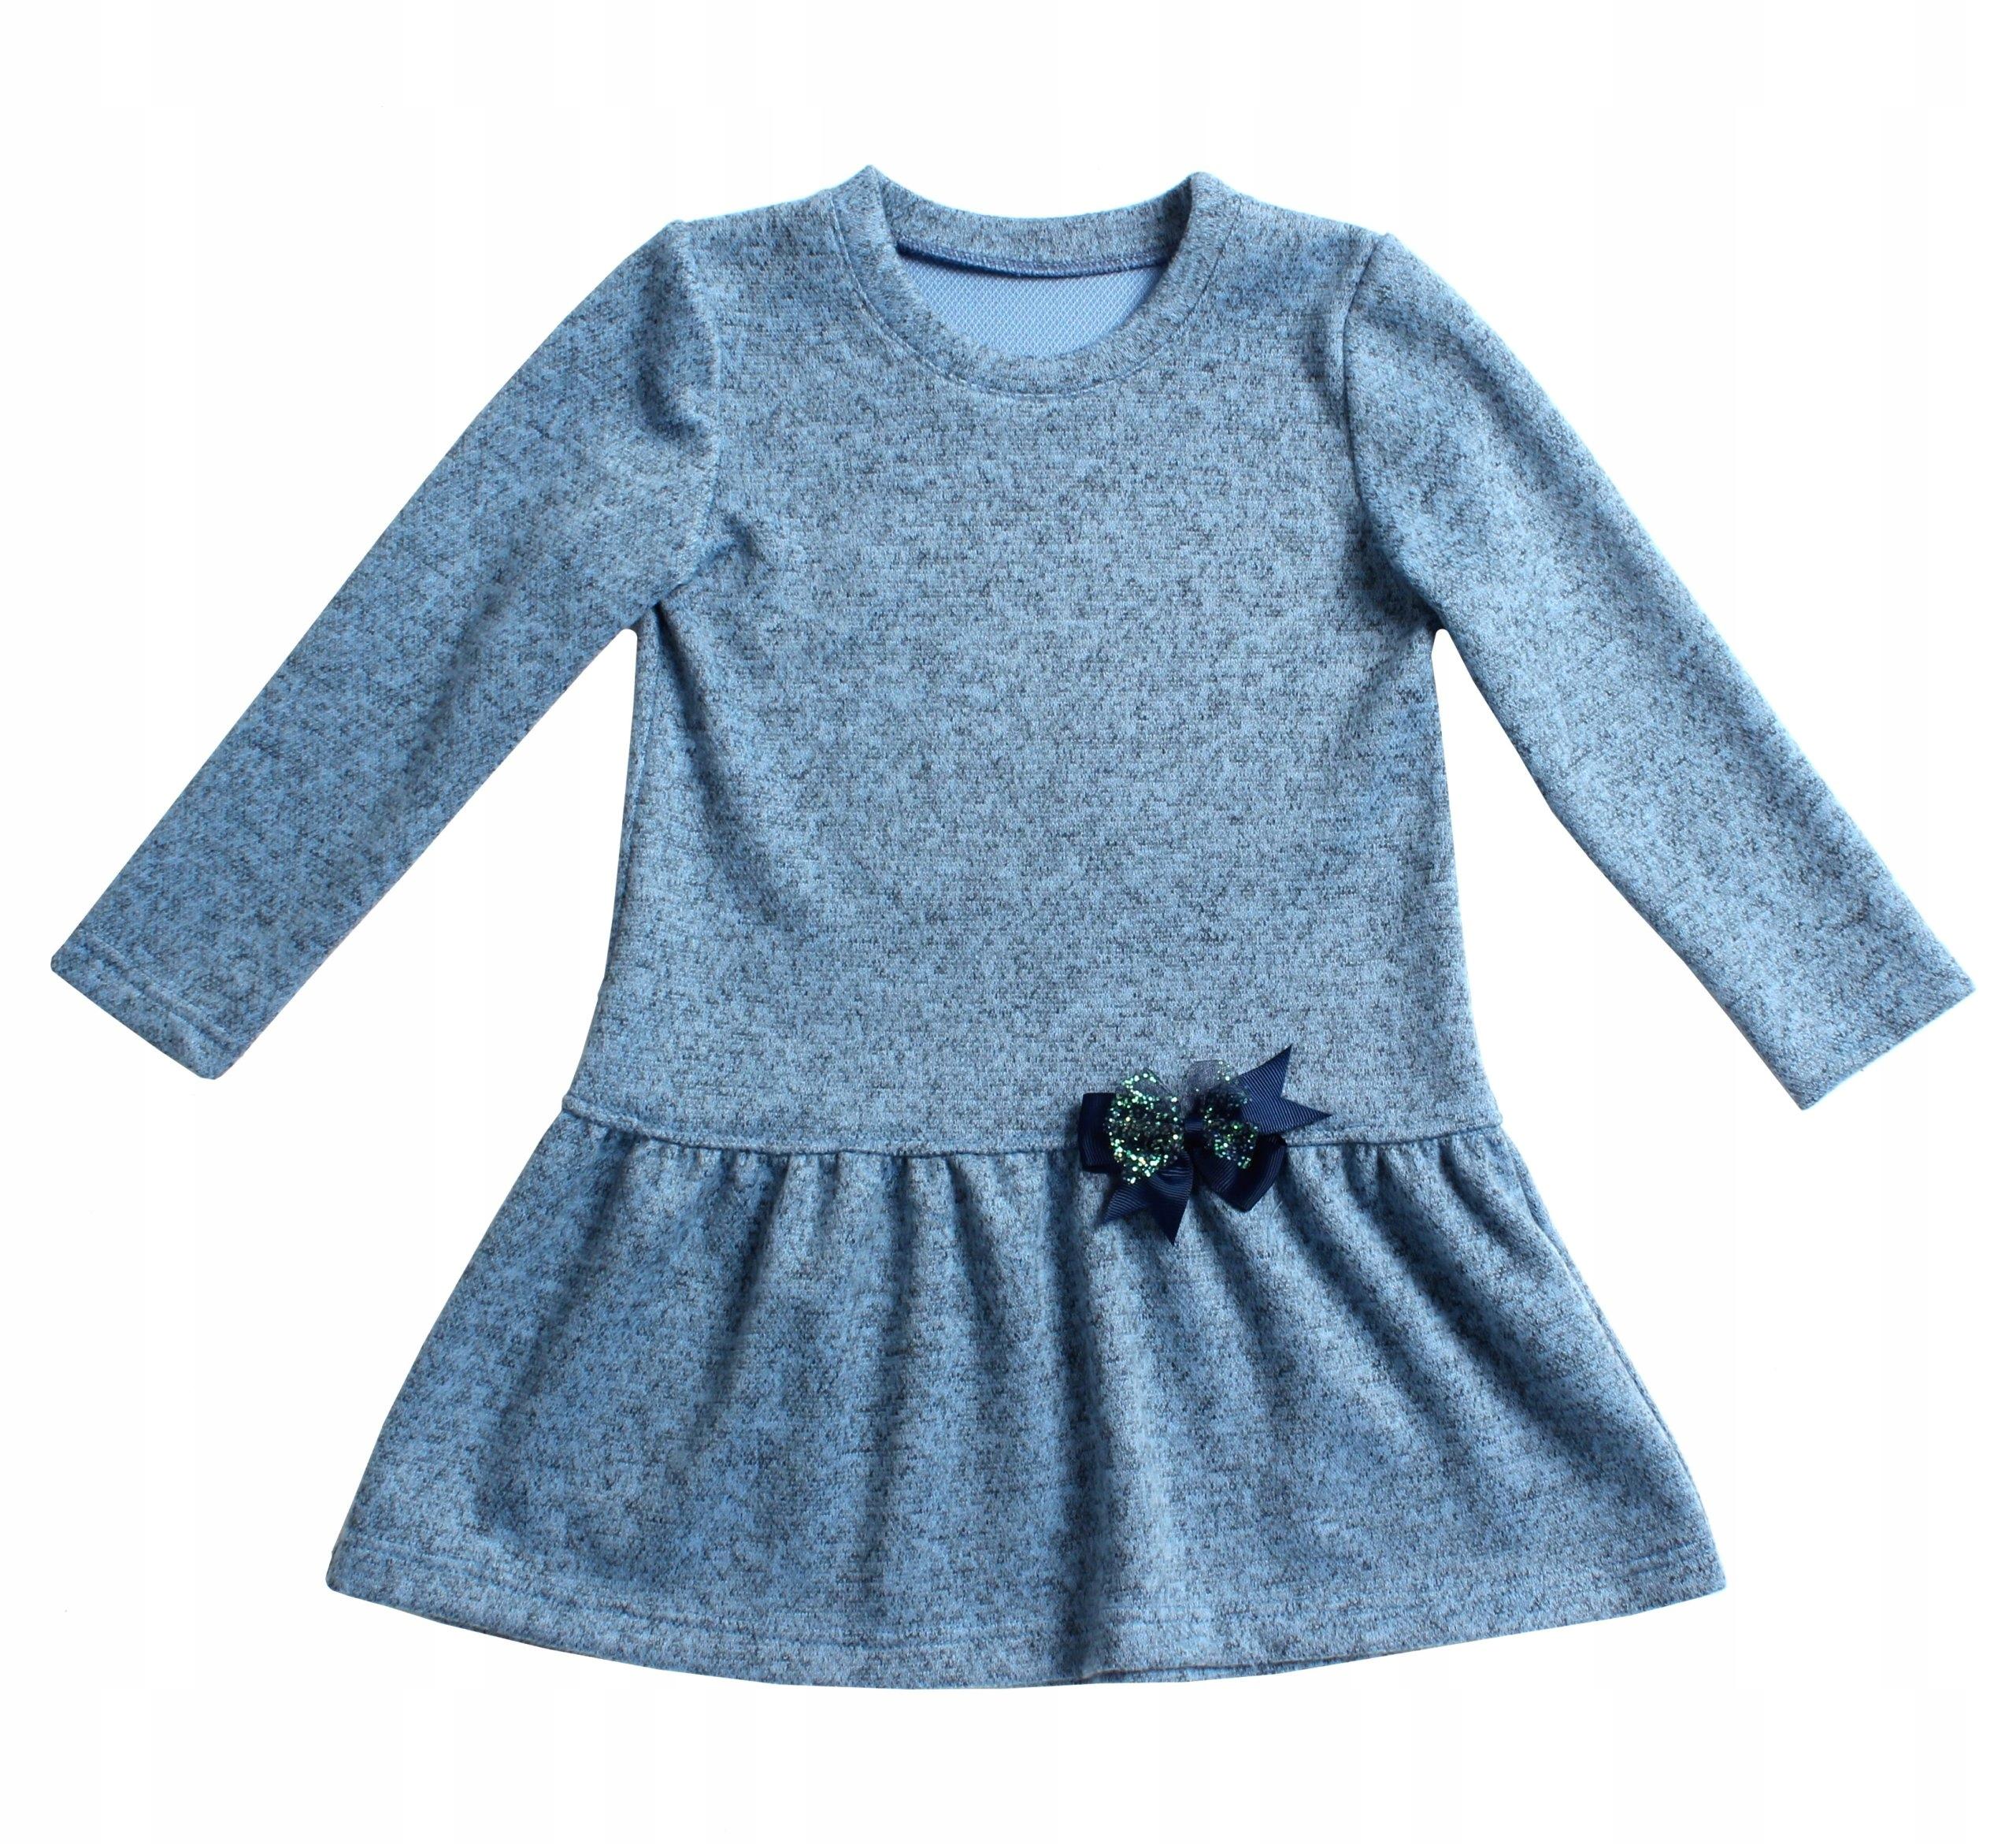 7e56ce5e1b Niebieska sukienka dla dziewczynki Dzianina 110 - 7089558004 - oficjalne  archiwum allegro